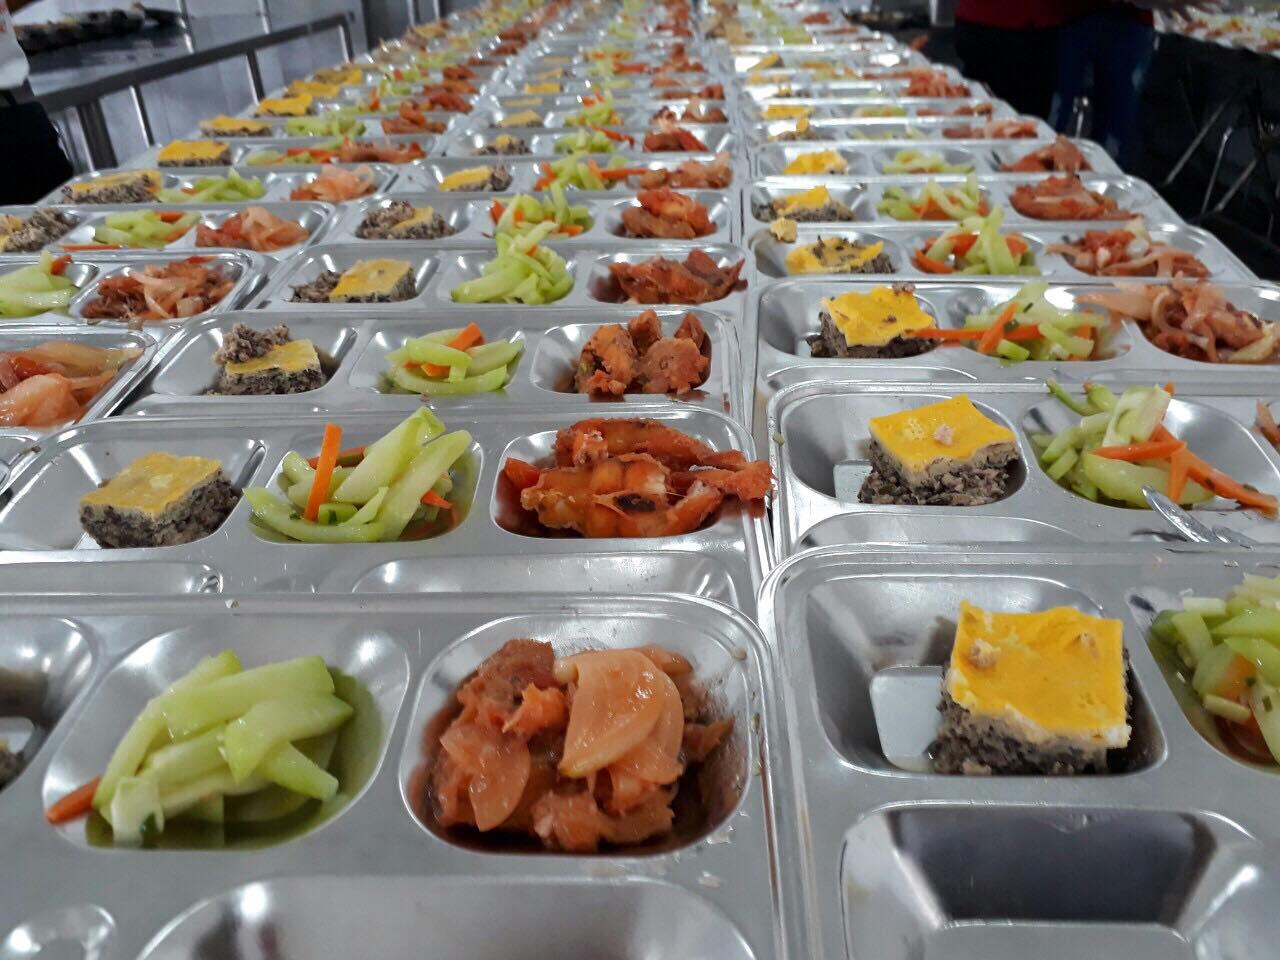 suat-an-cho-xuong-san-xuat-cua-sat-tanvietfood68_com